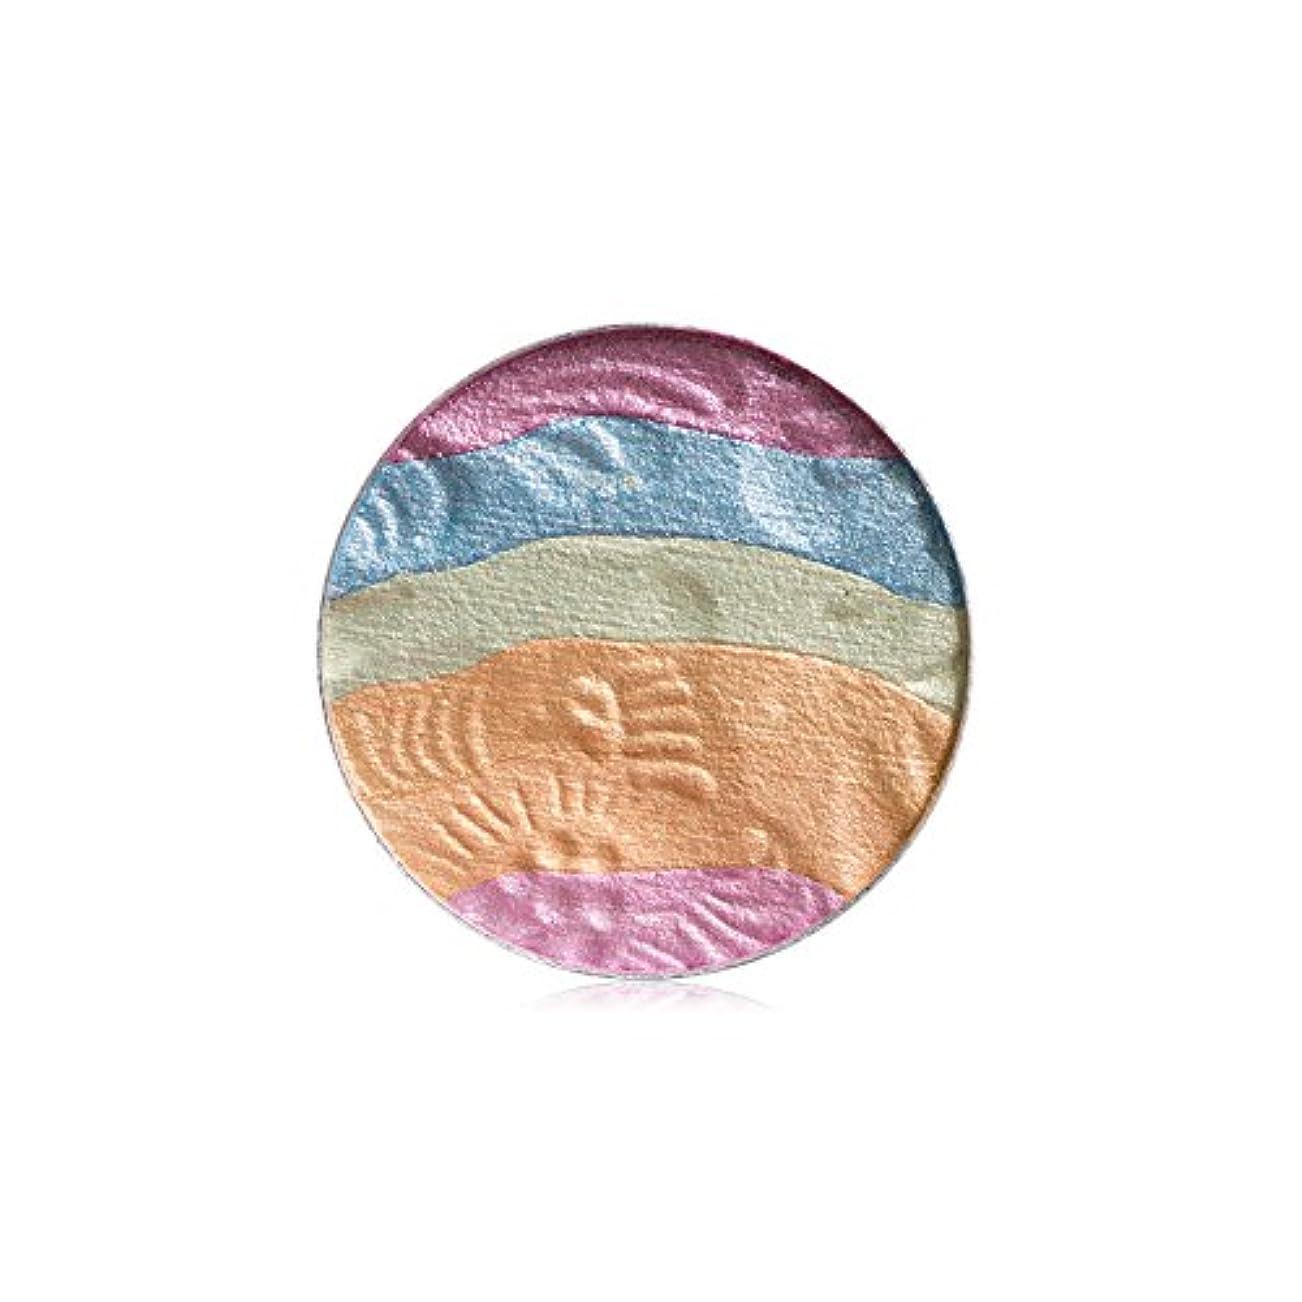 ユニークなタッチマーティンルーサーキングジュニア自然な専門のアイシャドウの粉の虹のきらめきの構造の美の影